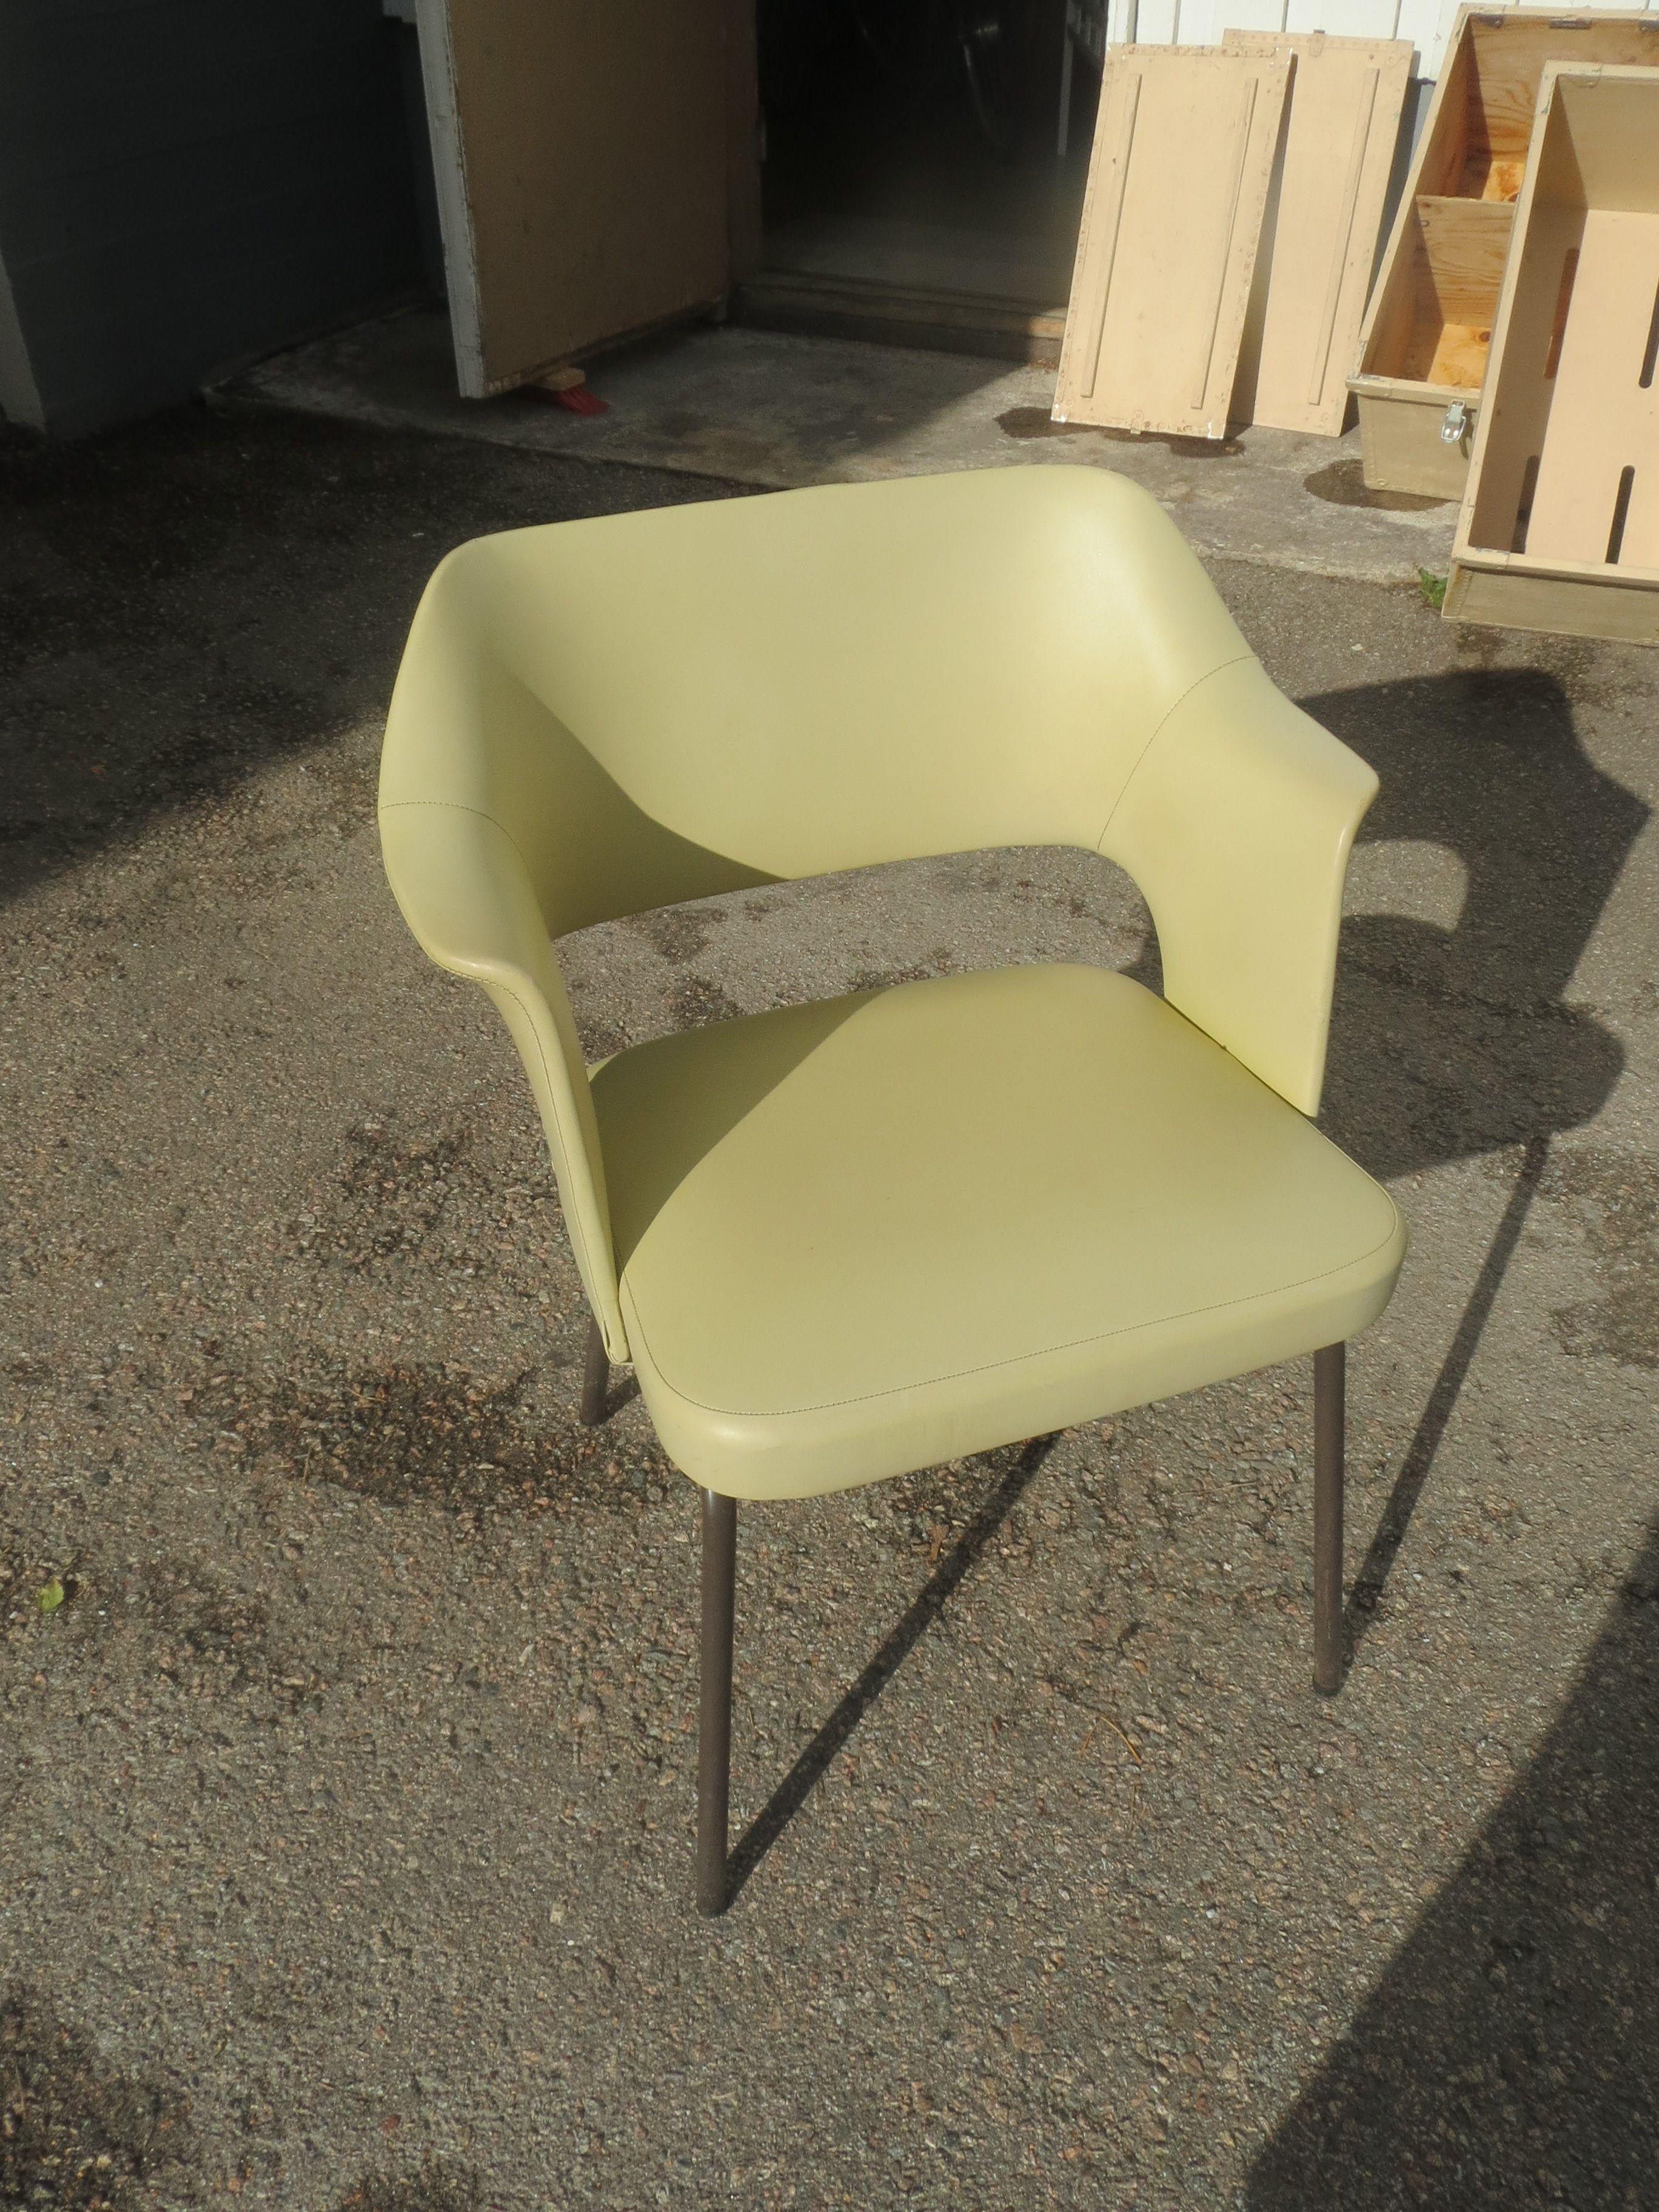 Tyylikkäästi muotoiltu keinonahkapäällysteinen tuoli. Muutama jälki pinnassa, muuten hyväkuntoinen ja hyvä istua.70 euroa.